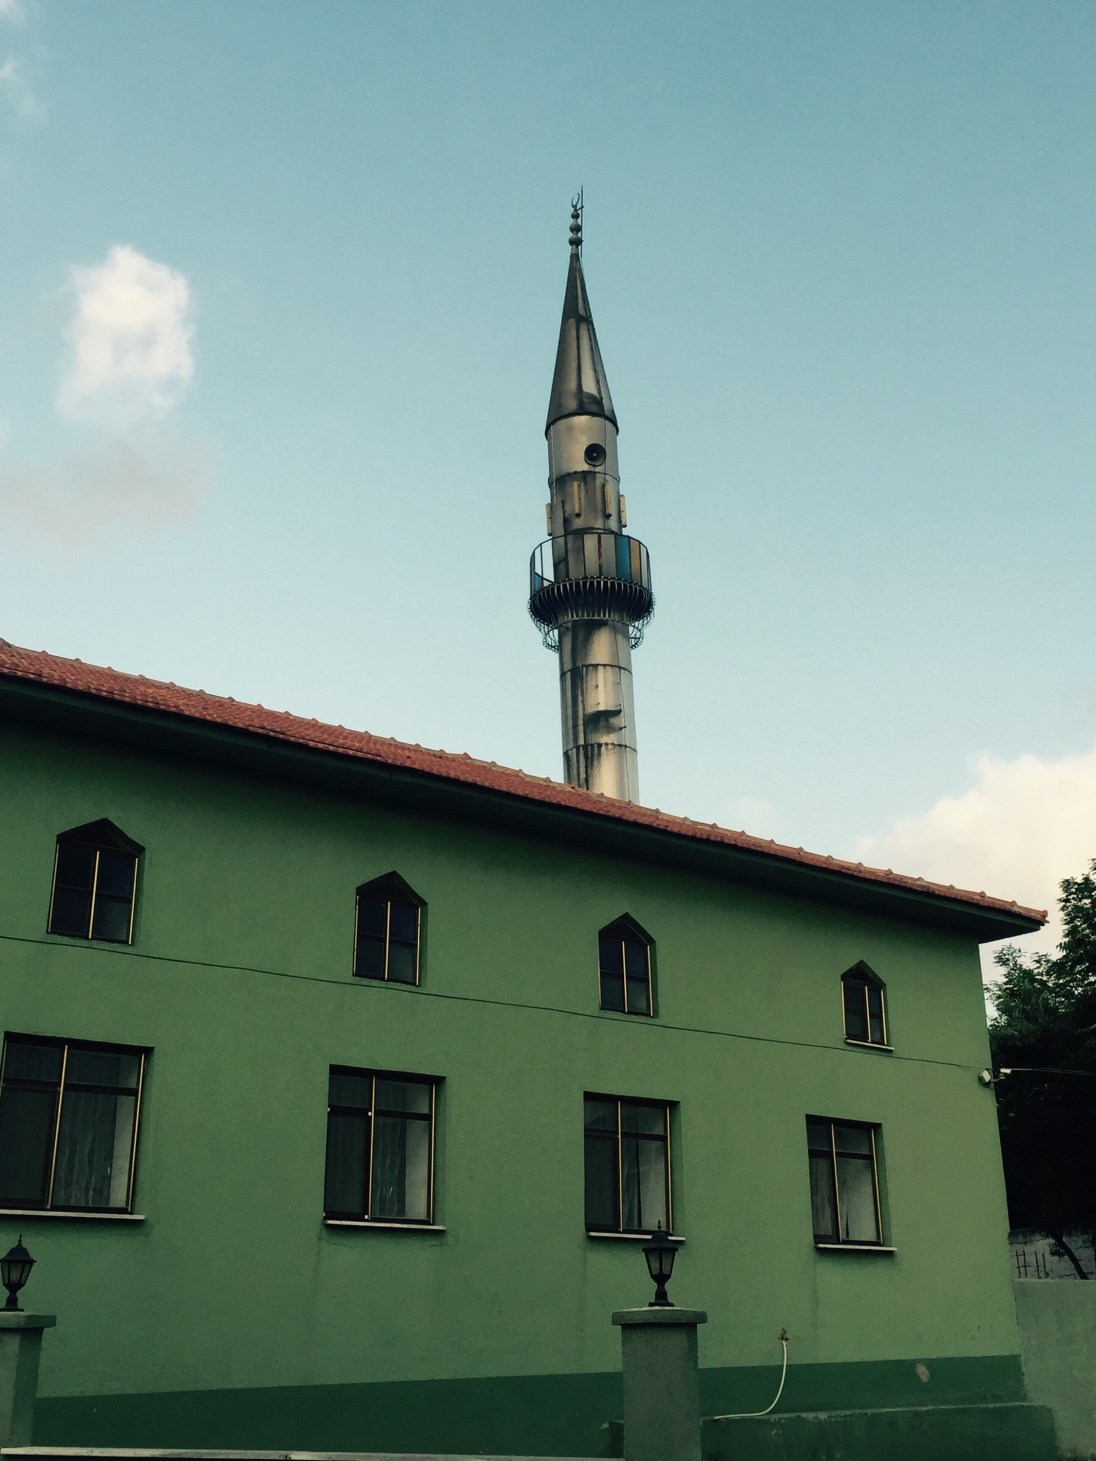 Metal minaret